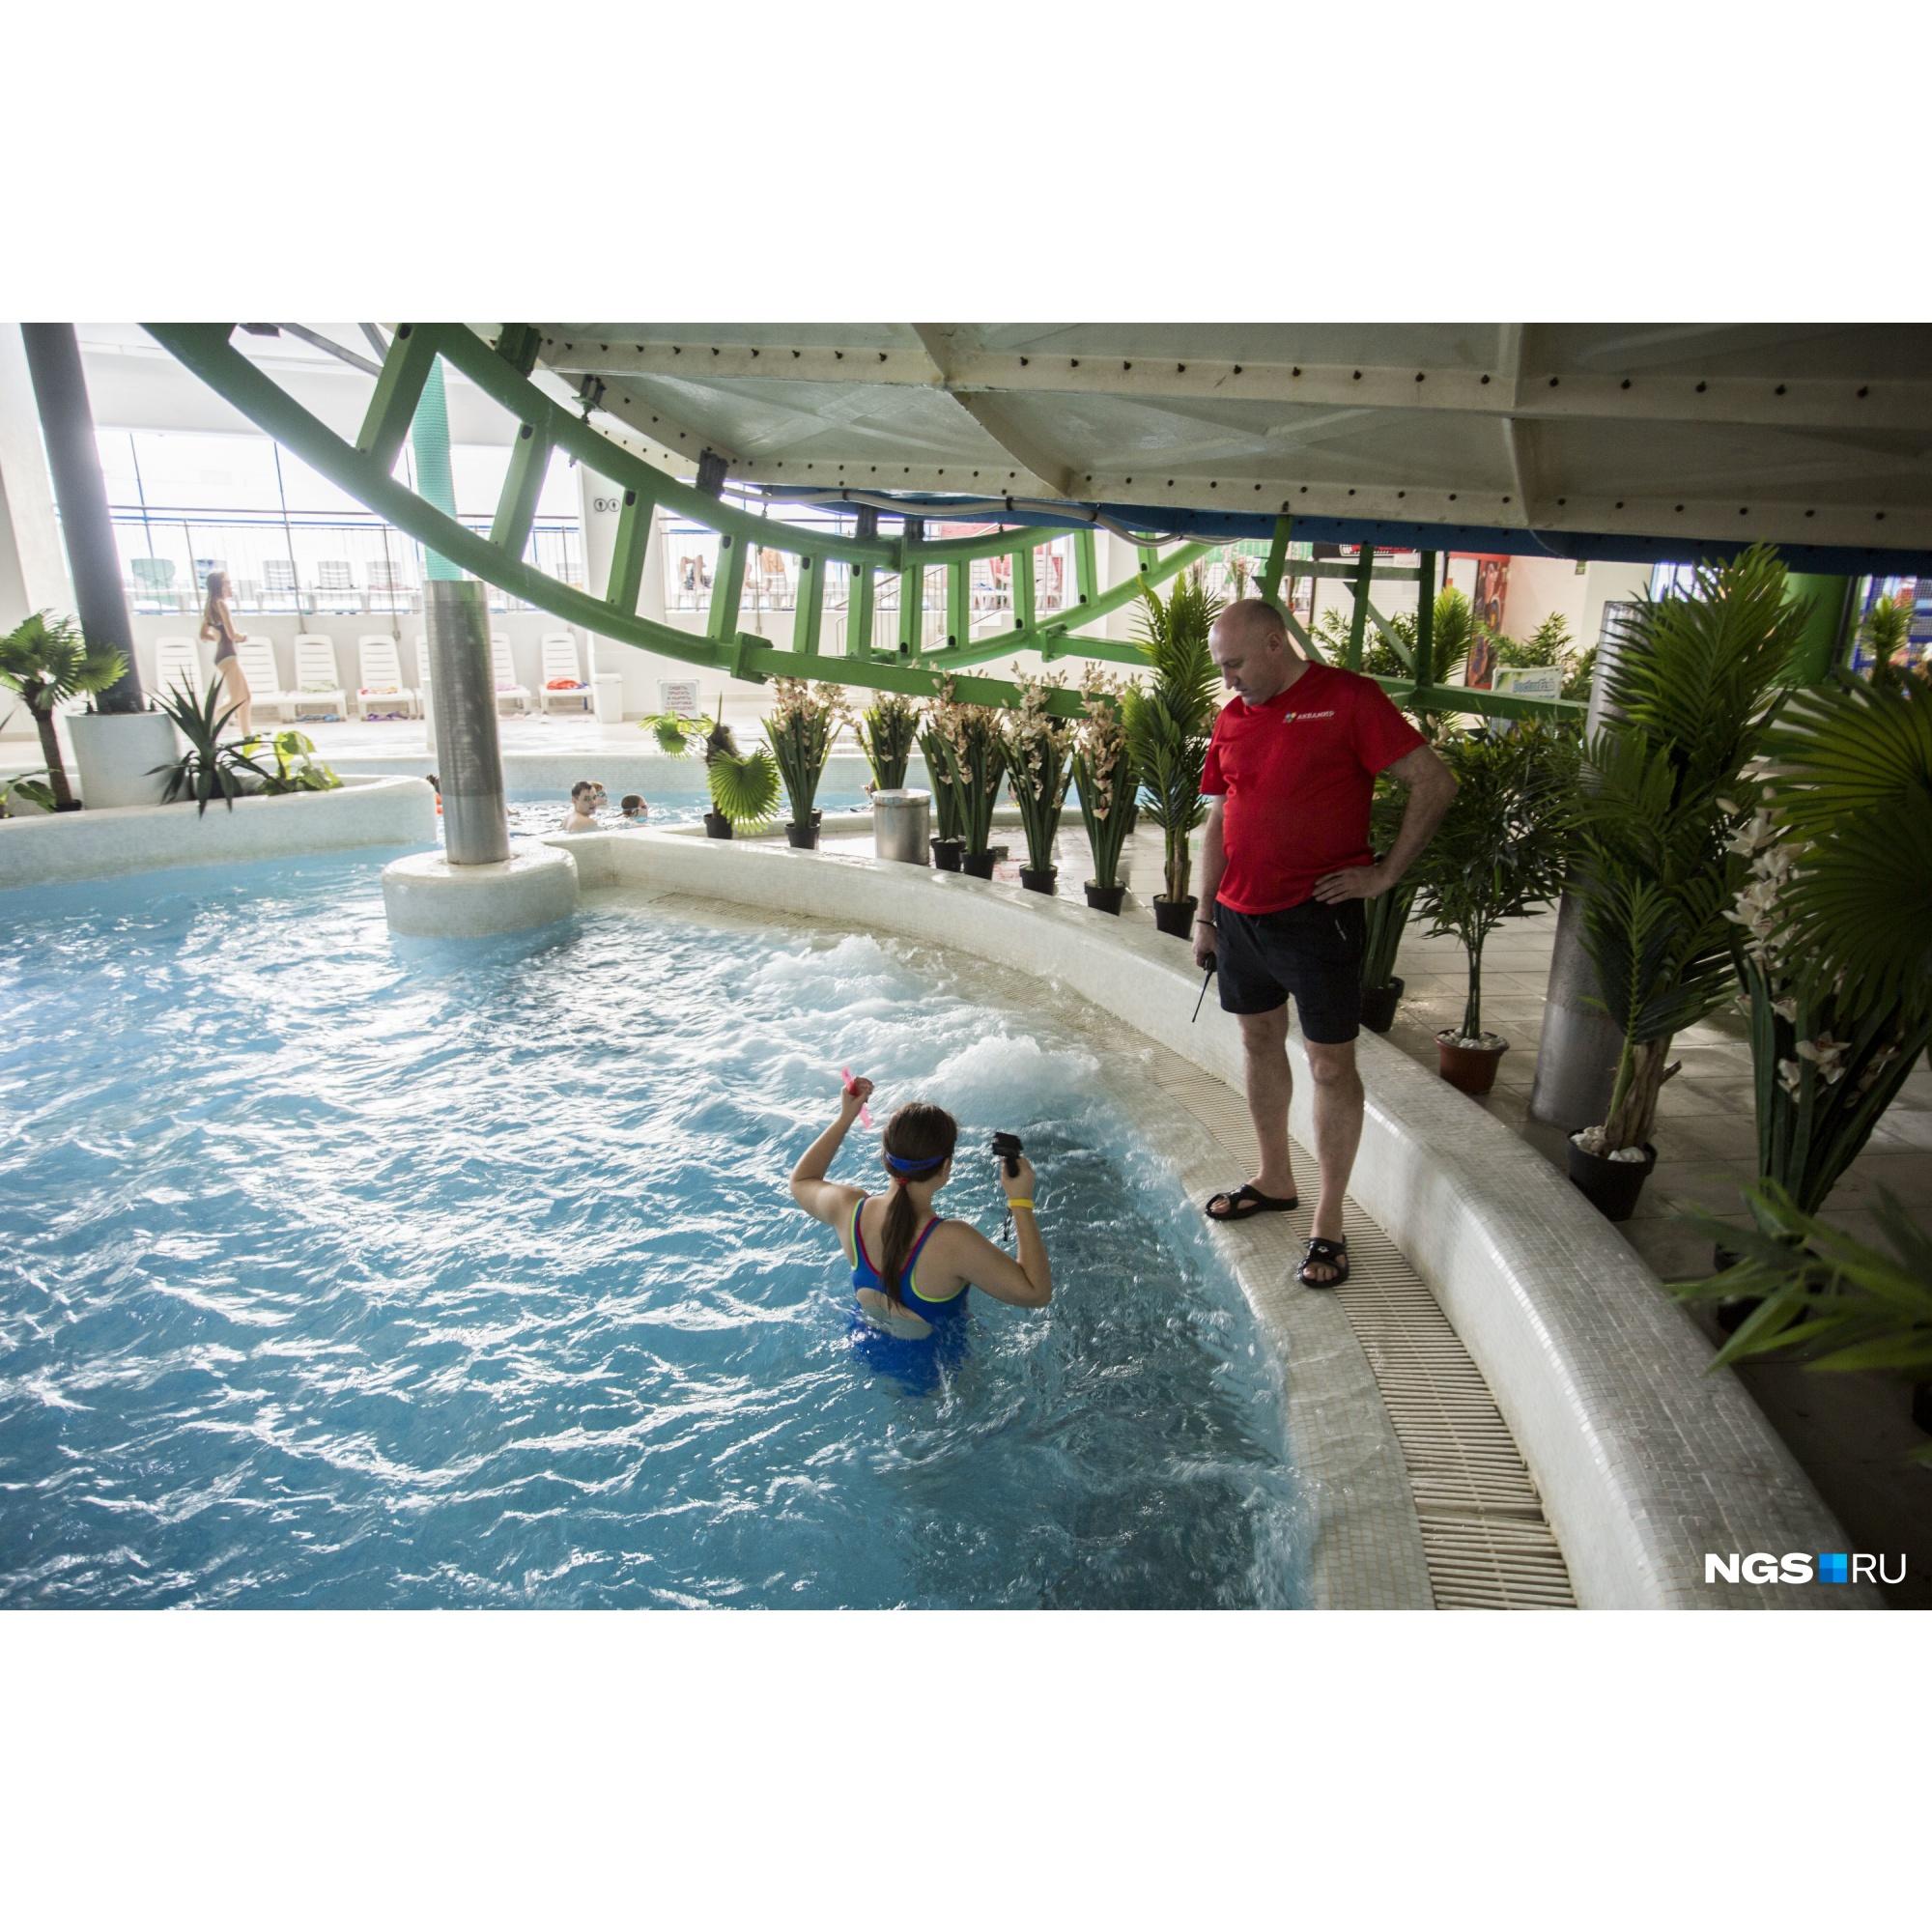 Корреспондент НГС, для того чтобы снять лавочку, опускалась под воду строго под присмотром спасателей